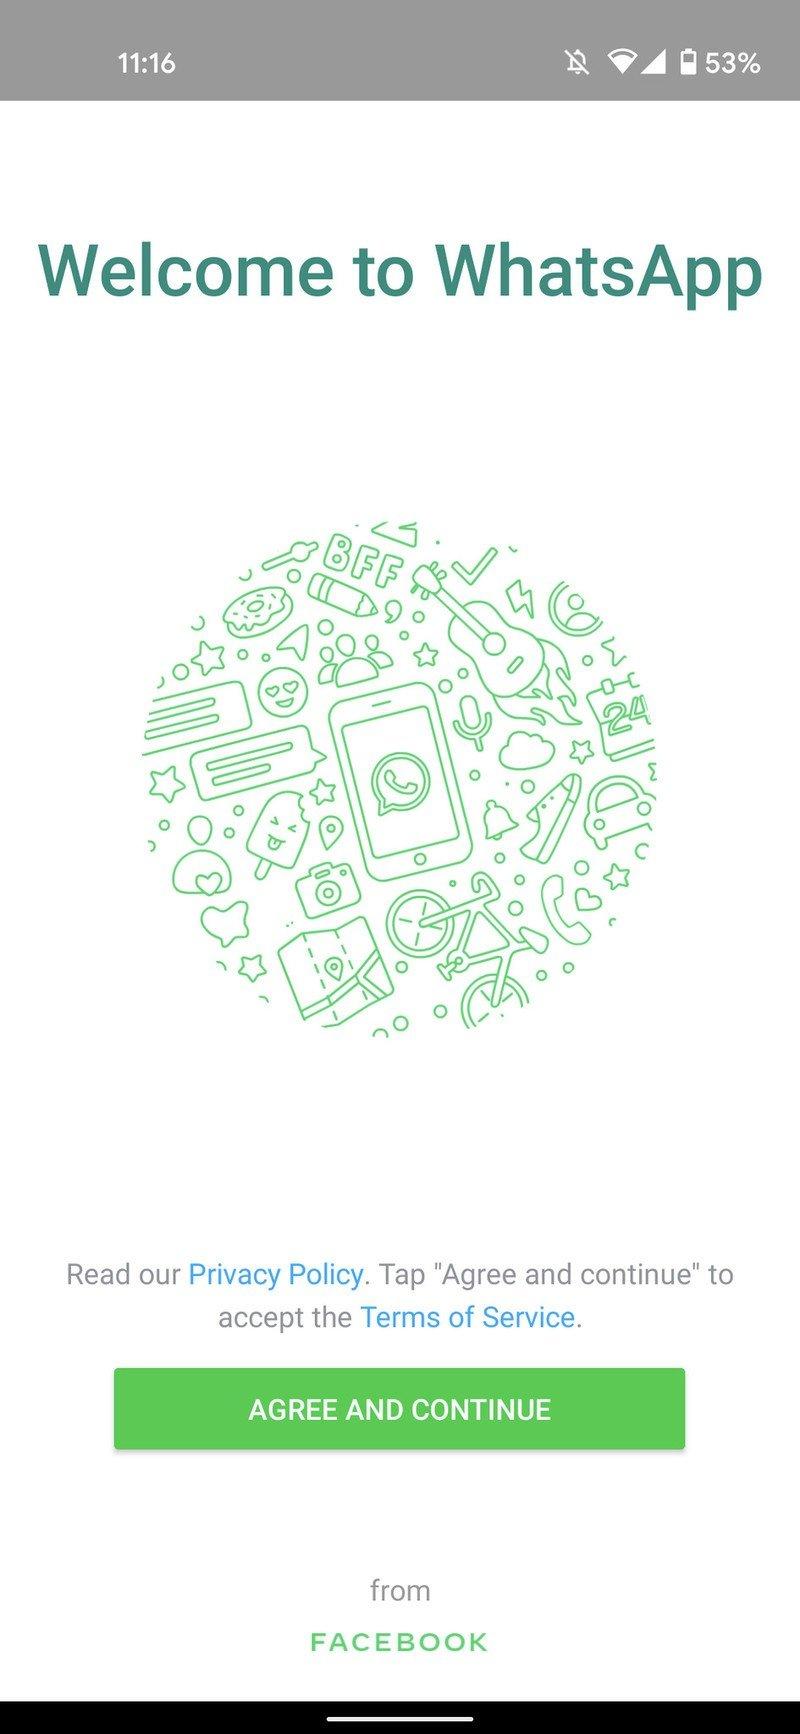 whatsapp-set-up-2020-1.jpg